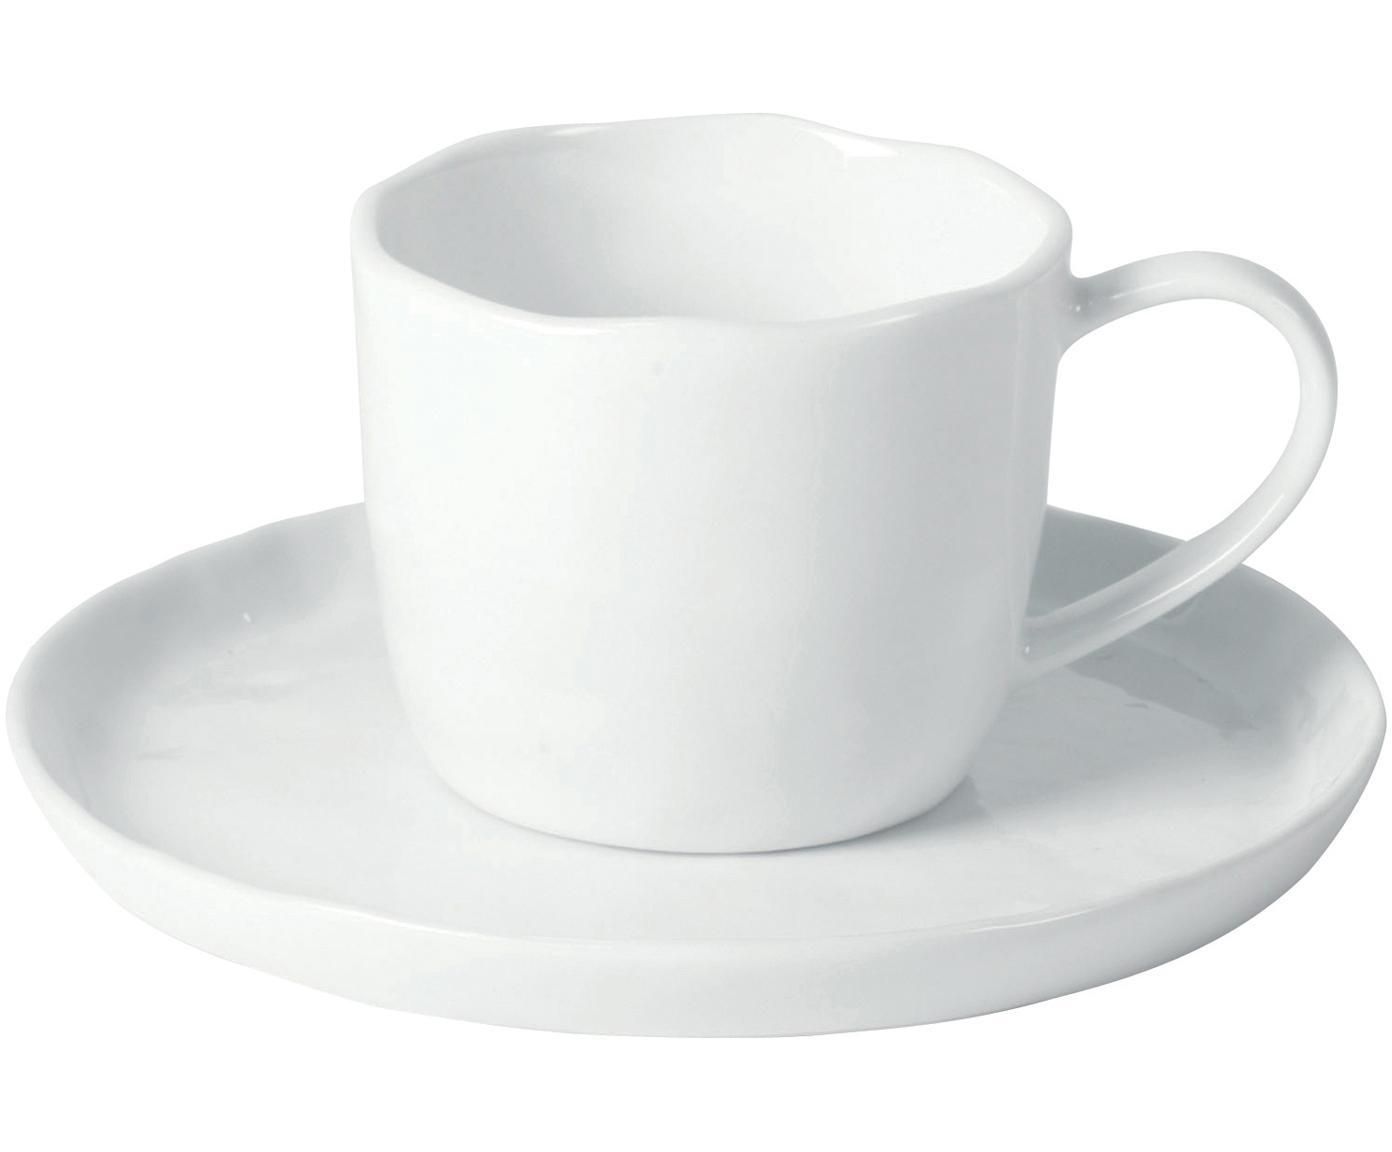 Kopjesset Porcelino, 12-delig, Porselein, Wit, H 9 x Ø 16 cm